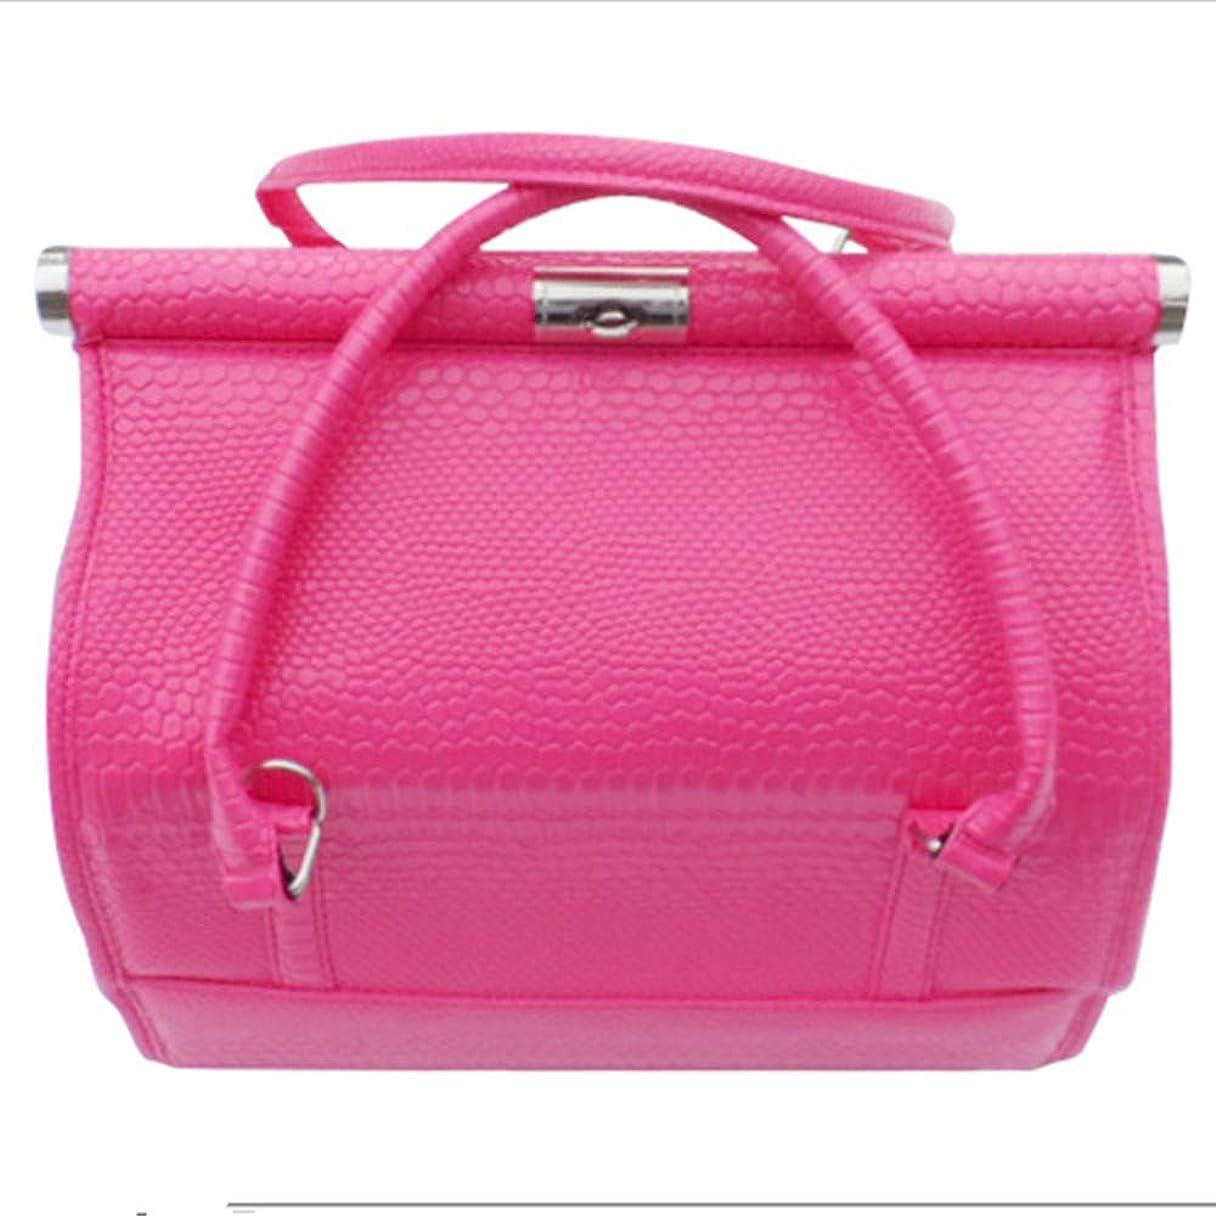 呼吸好色な防止化粧オーガナイザーバッグ 女性の女性のための美容メイクアップのためのポータブル化粧品バッグ旅行と折り畳みトレイで毎日のストレージ 化粧品ケース